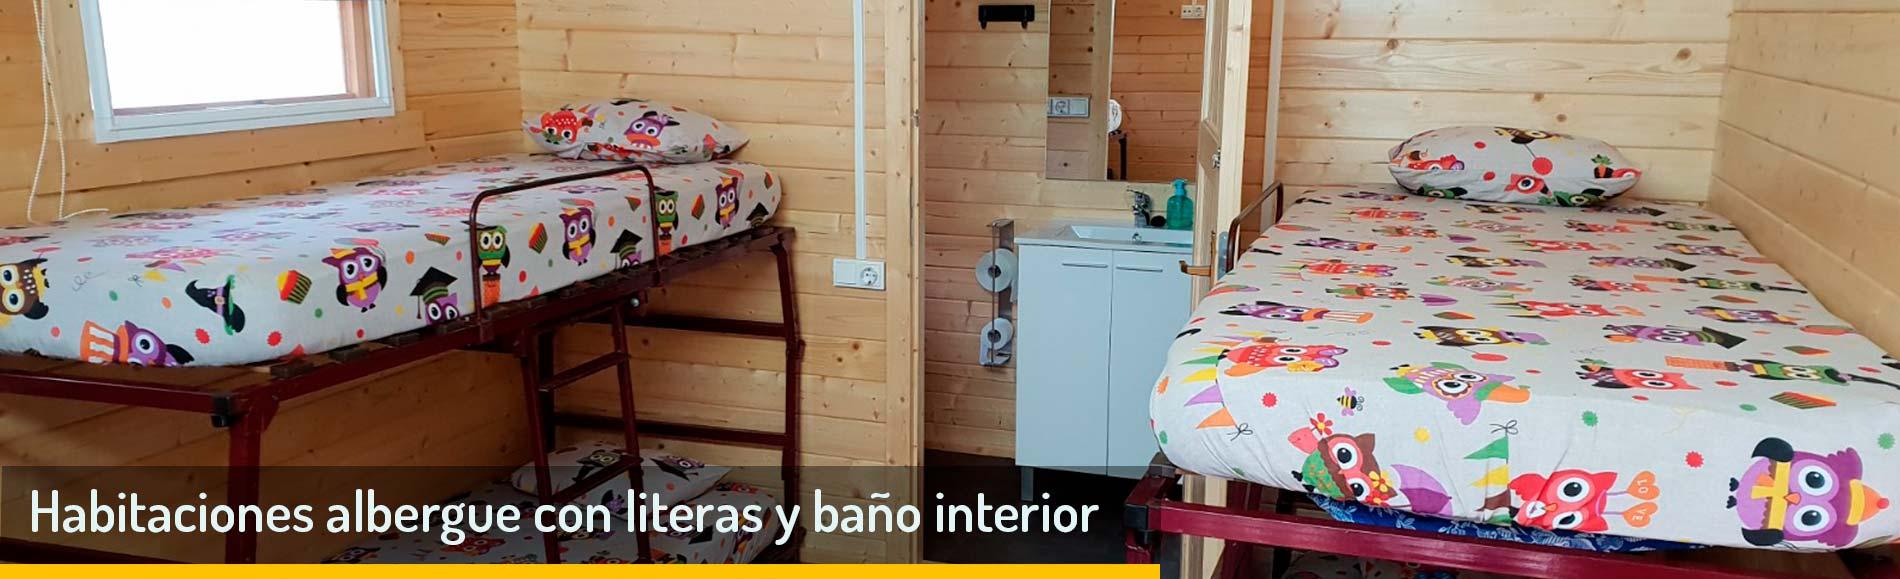 habitaciones-albergue-talayuelas